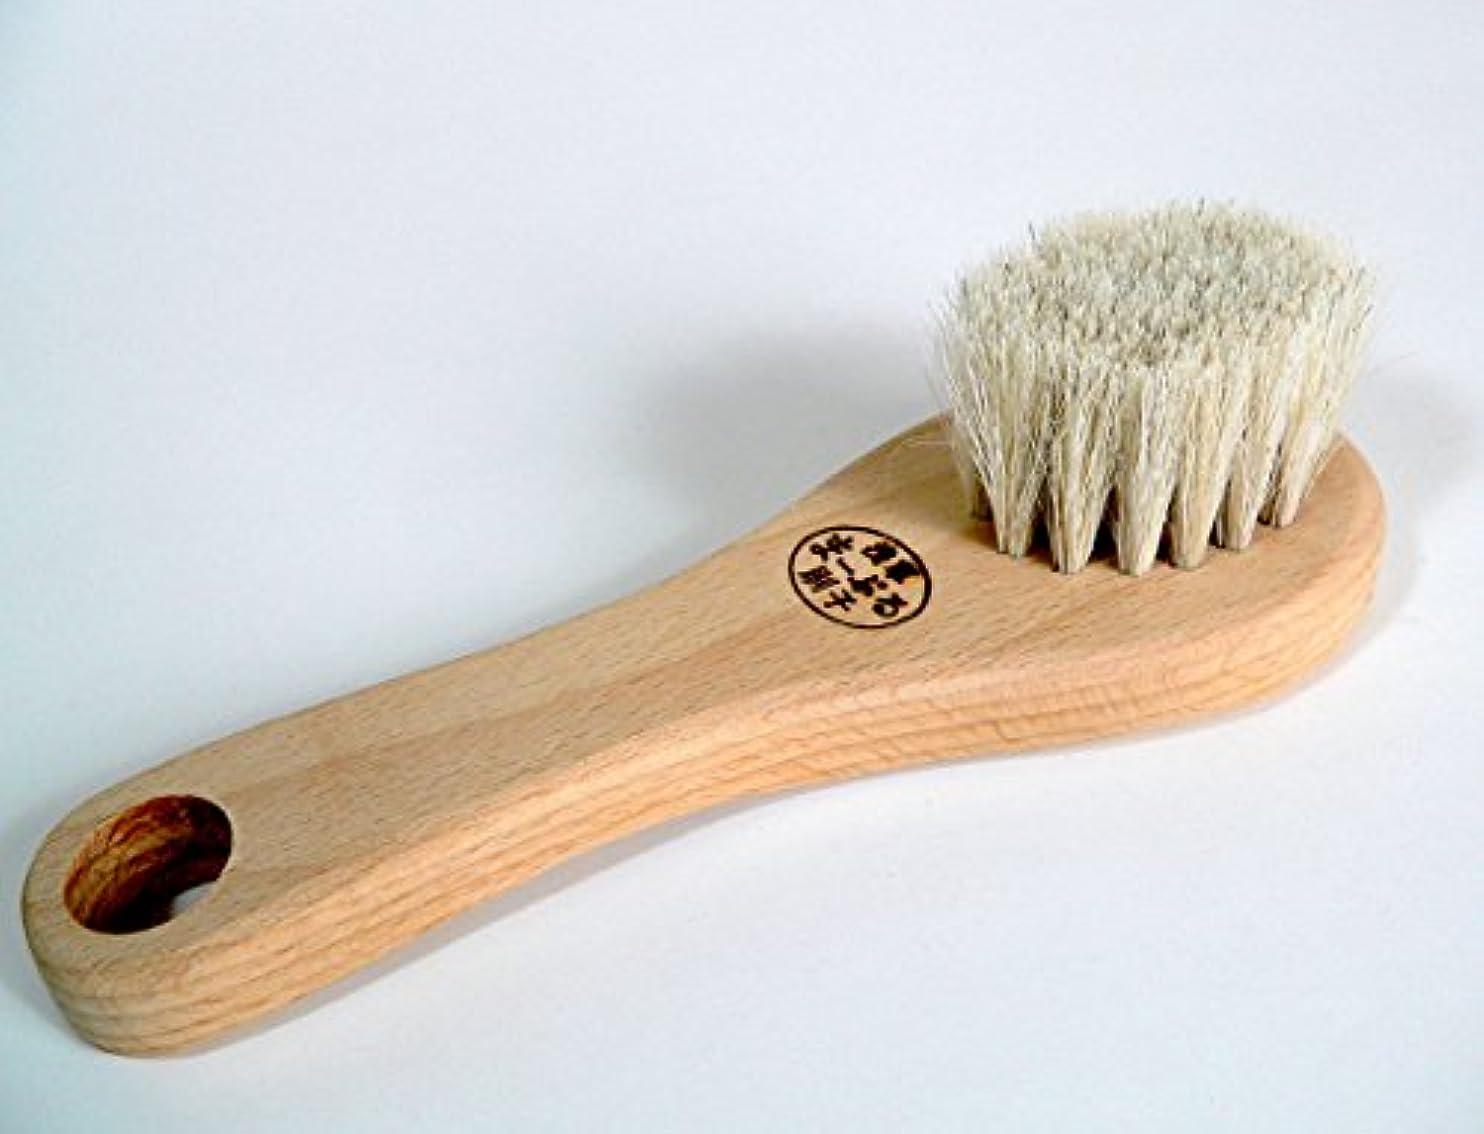 定期的なあたり燃やす【まーぶる刷子】 フェイスブラシ 白馬毛使用! ※洗顔用ブラシです。